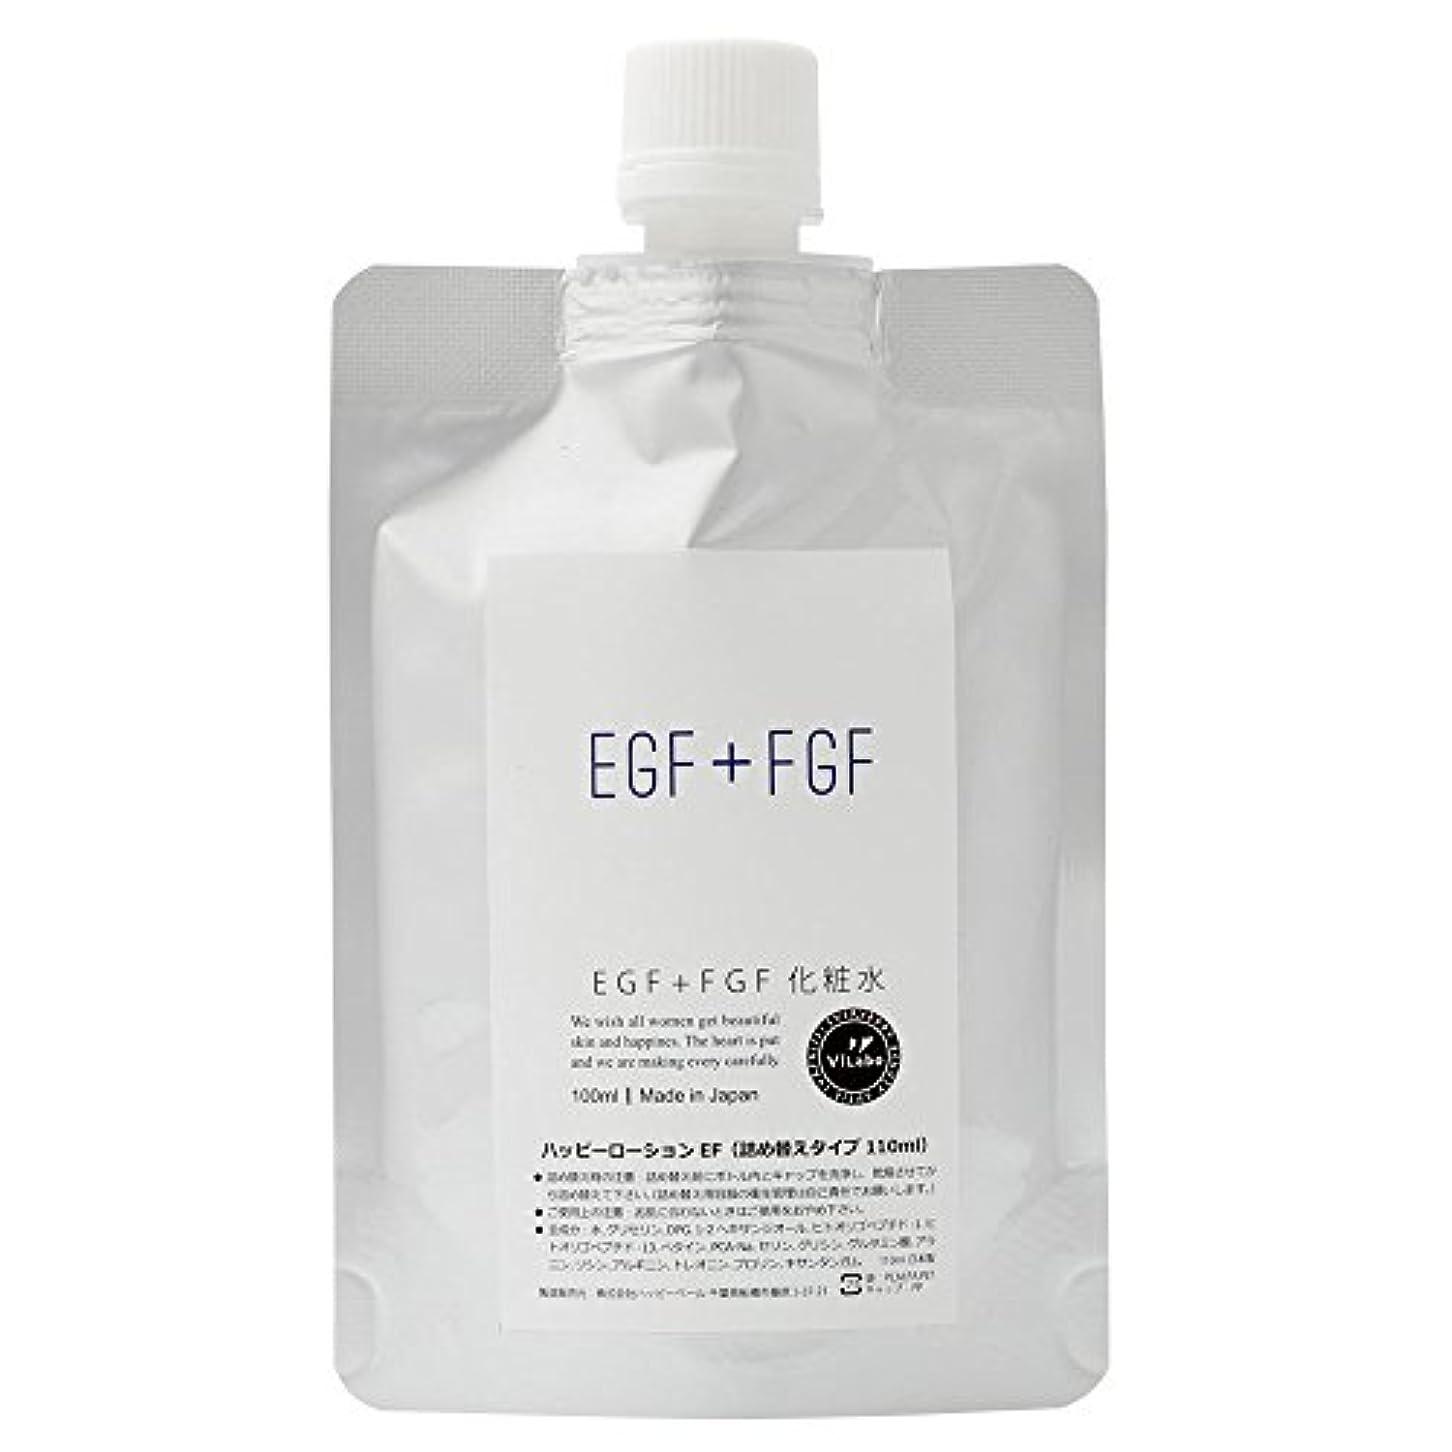 大騒ぎ責める航海EGF+FGF化粧水-天然温泉水+高級美容成分の浸透型化粧水-品名:ハッピーローションEF ノンパラベン、アルコール、フェノキシエタノール、石油系合成界面活性剤無添加 (詰め替えパウチ110ml)